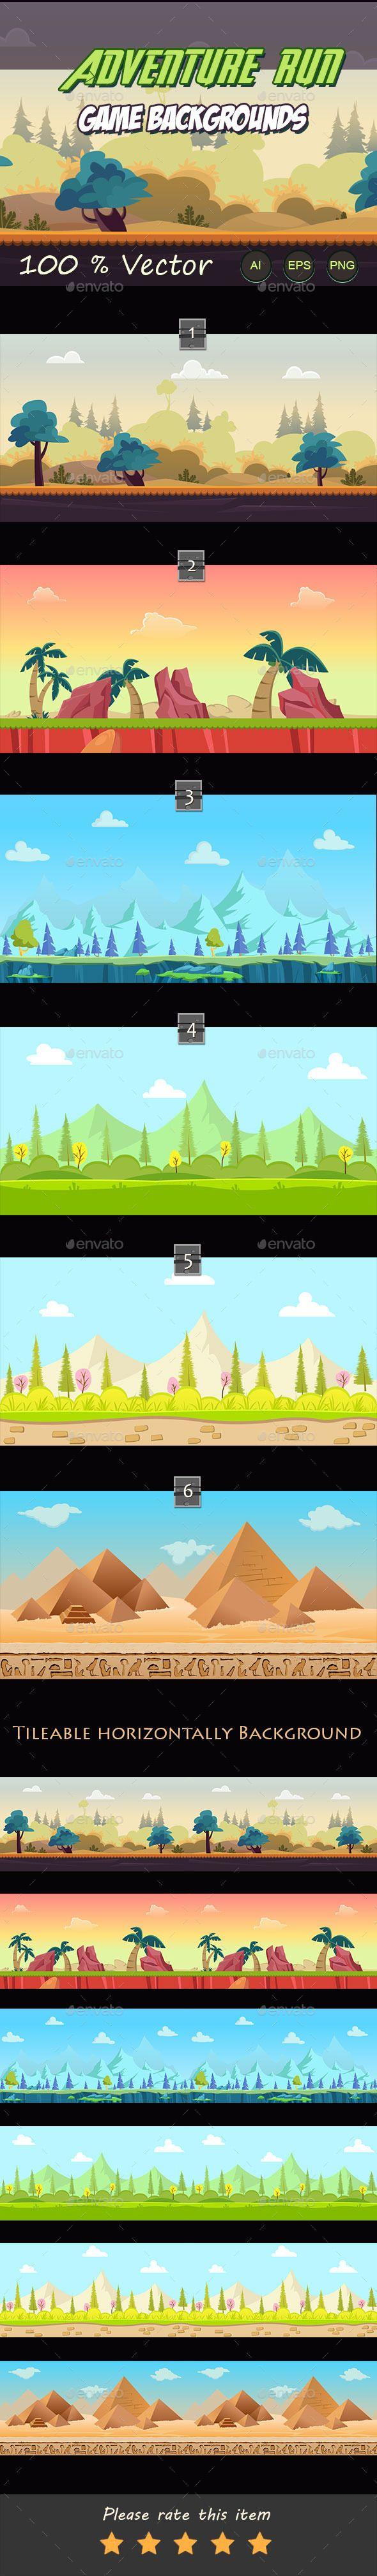 Adventure run game backgrounds Download here: https://graphicriver.net/item/adventure-run-game-backgrounds/11851723?ref=KlitVogli